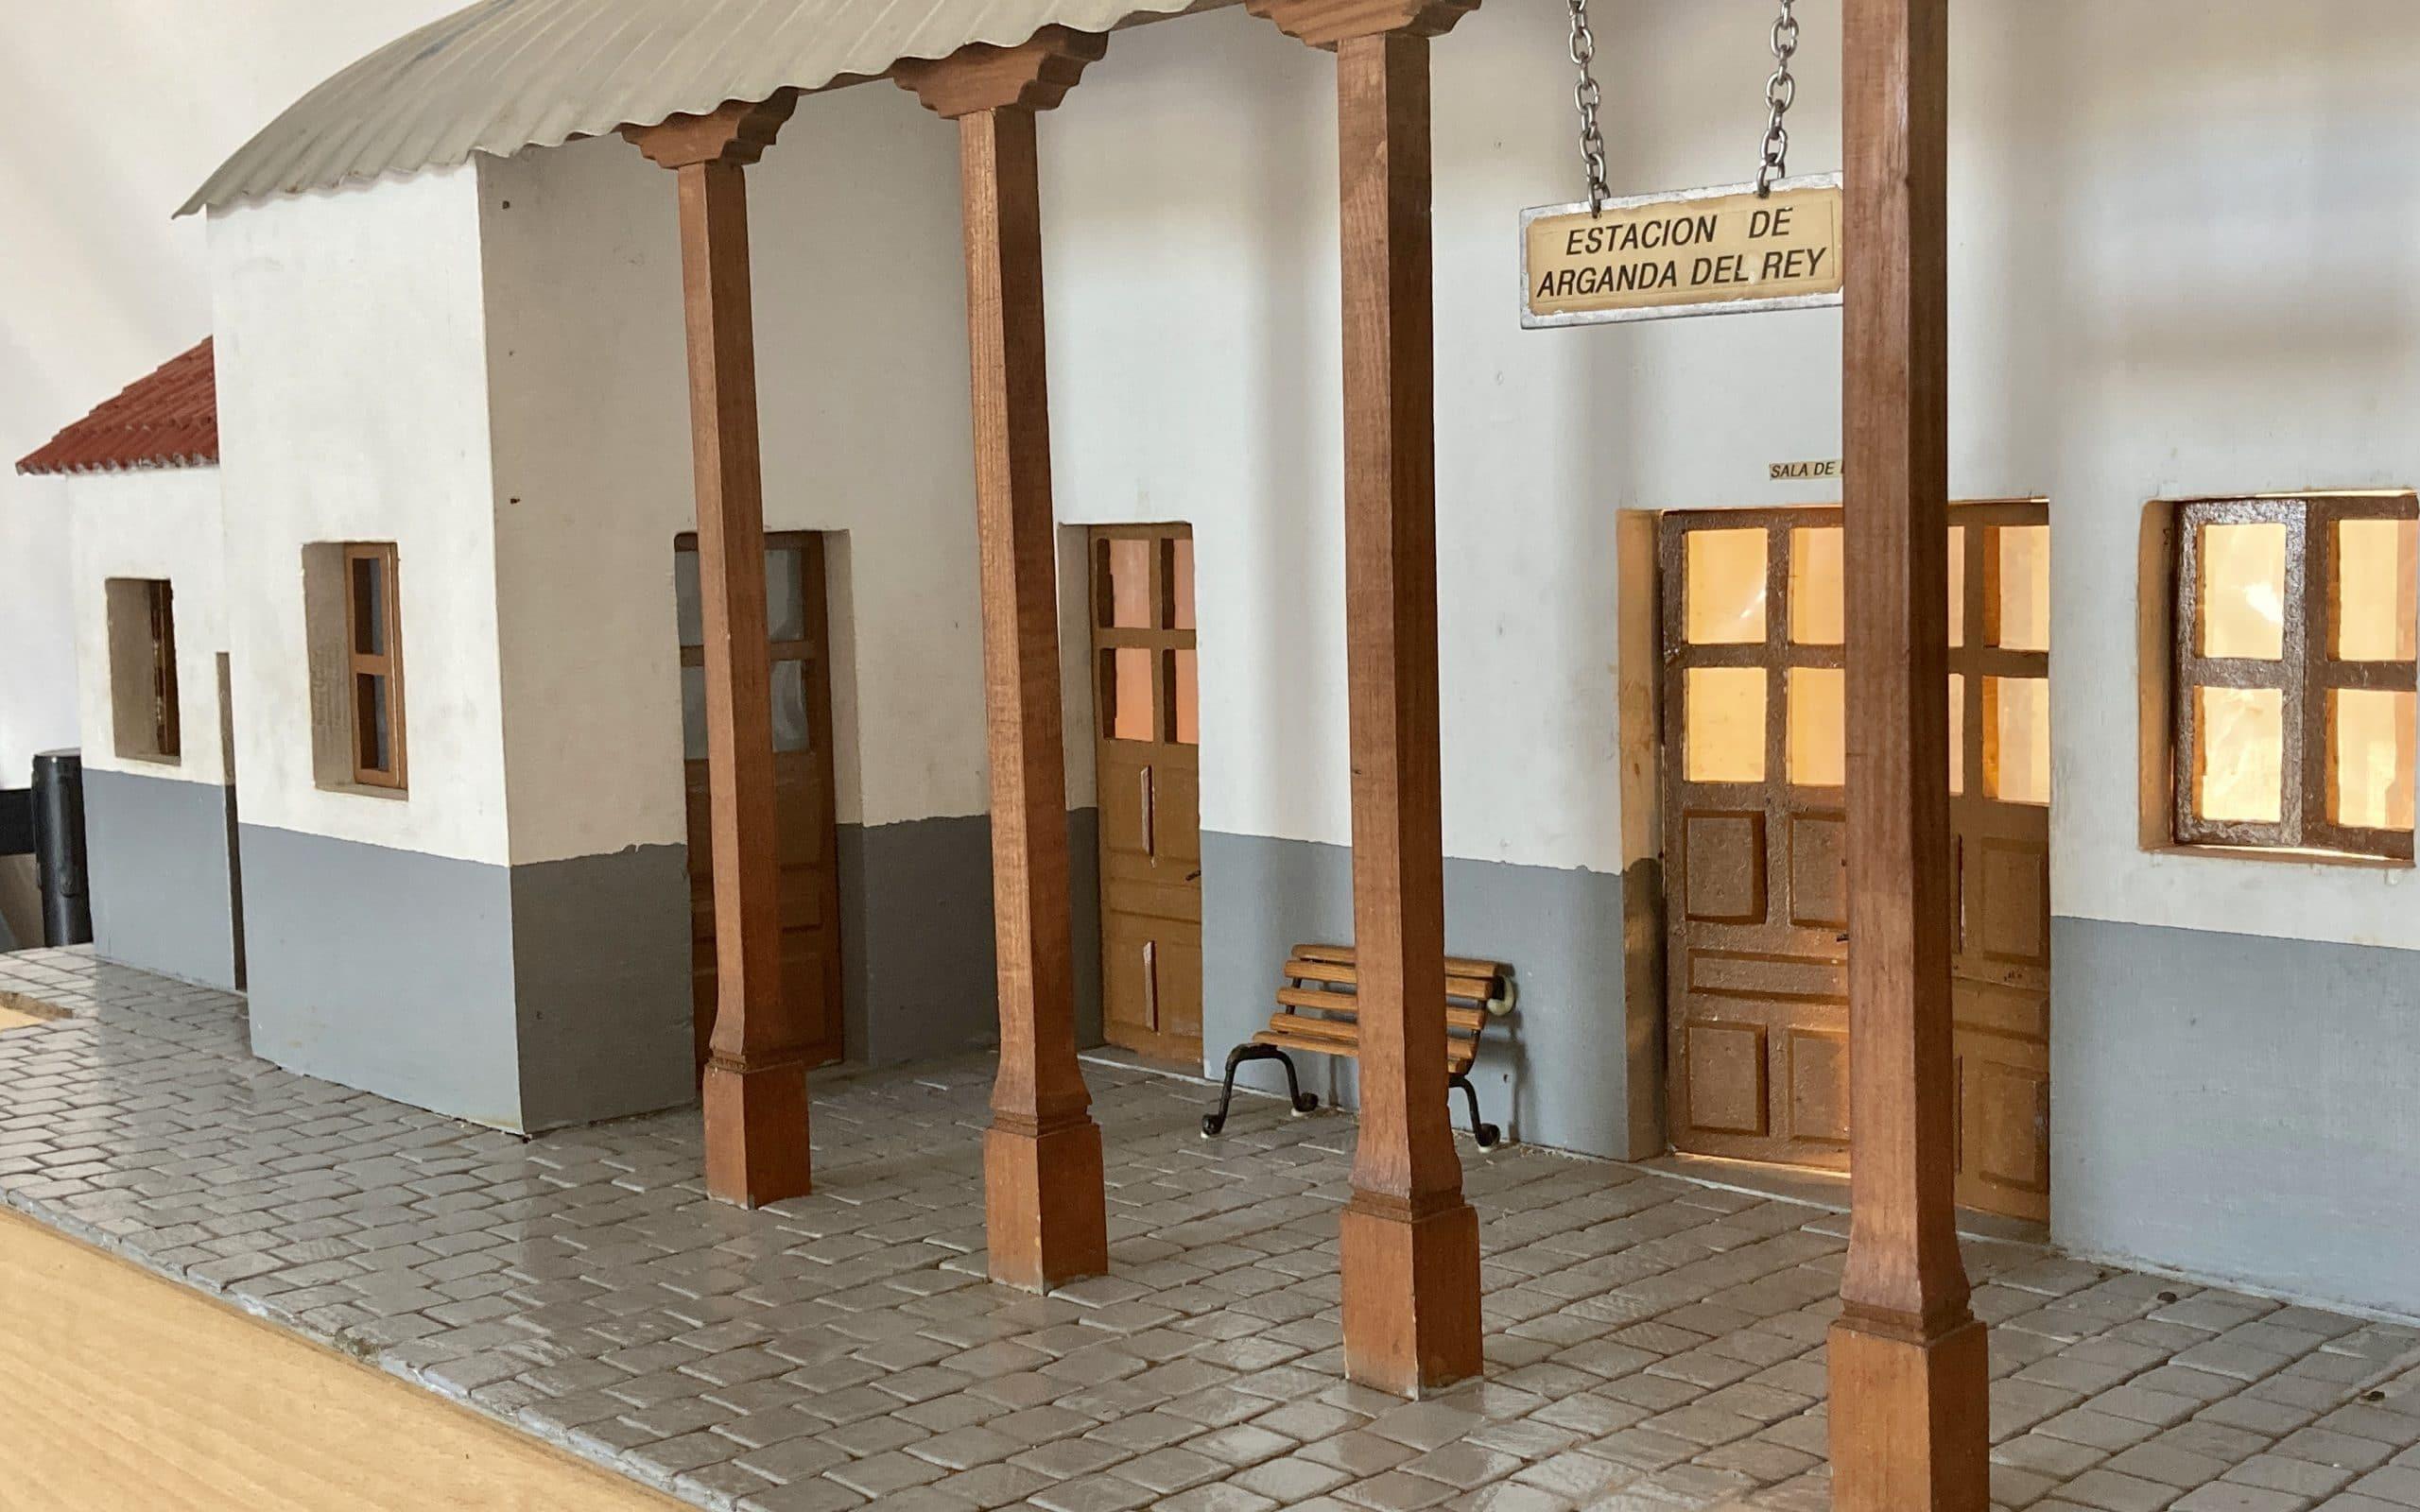 Maqueta de la estación de Arganda del Rey realizada por la Peña Taurina